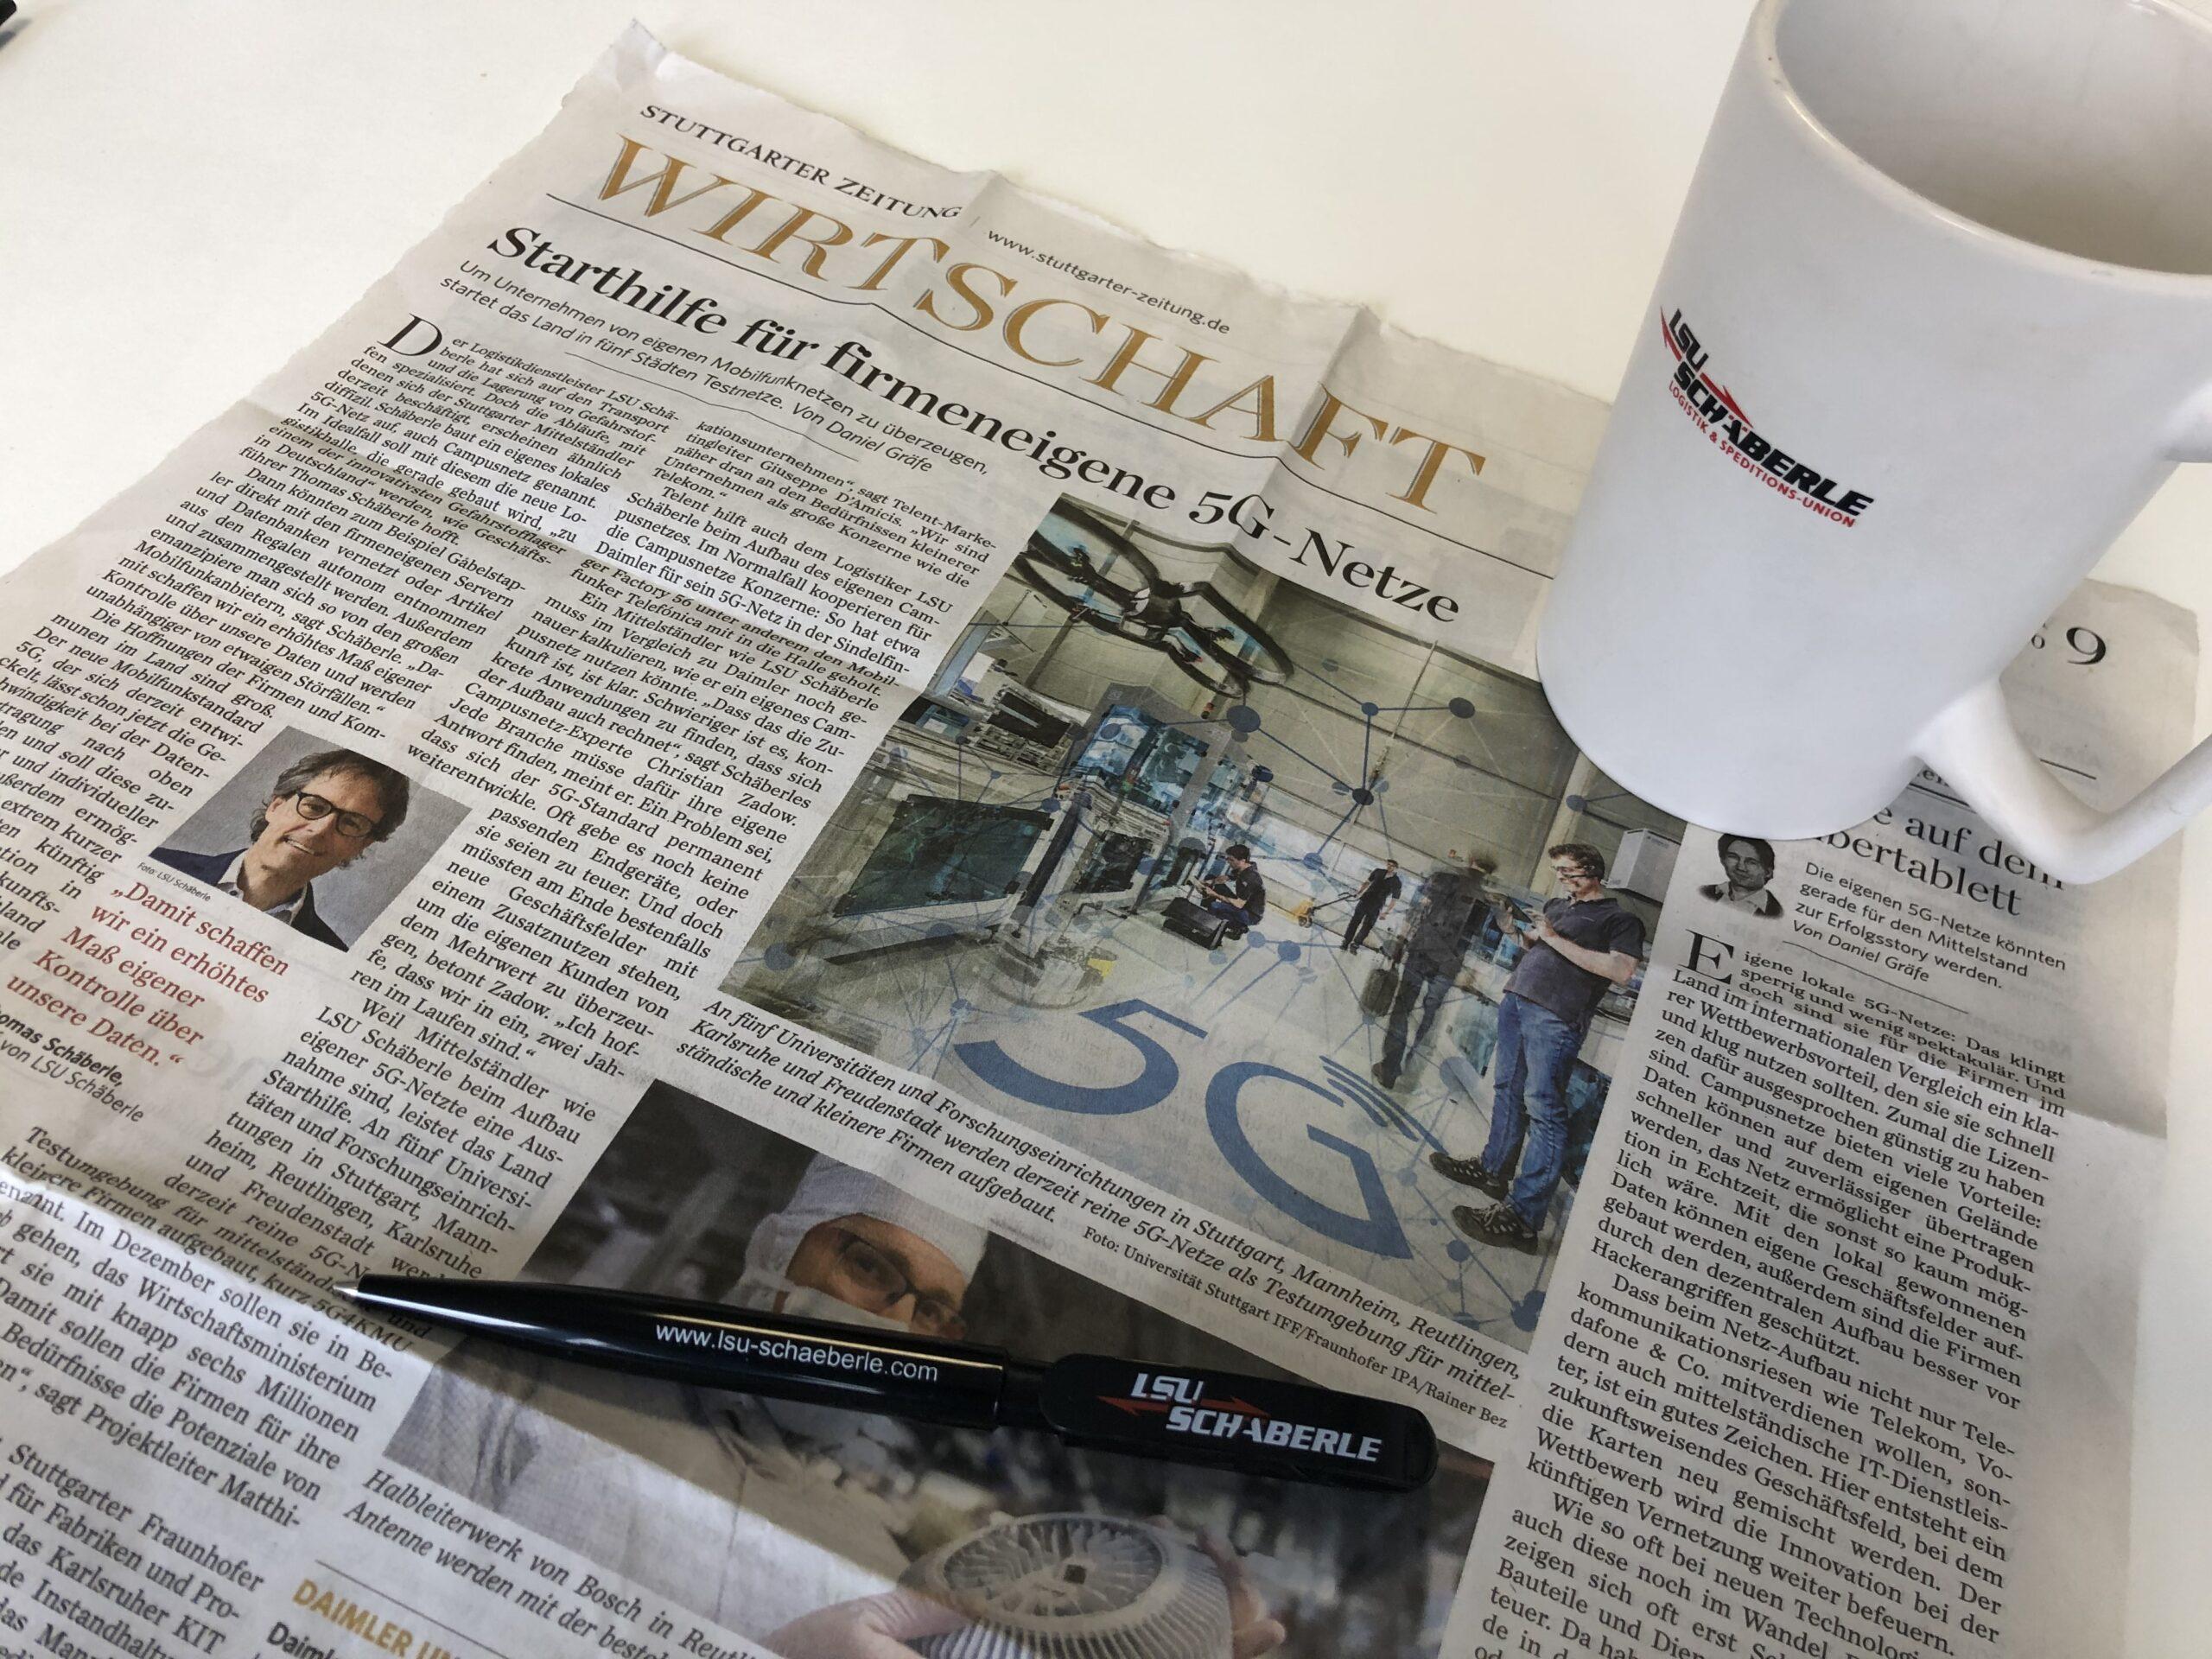 Eigene 5G-Netze für Unternehmen – Stuttgarter Zeitung berichtet über LSU